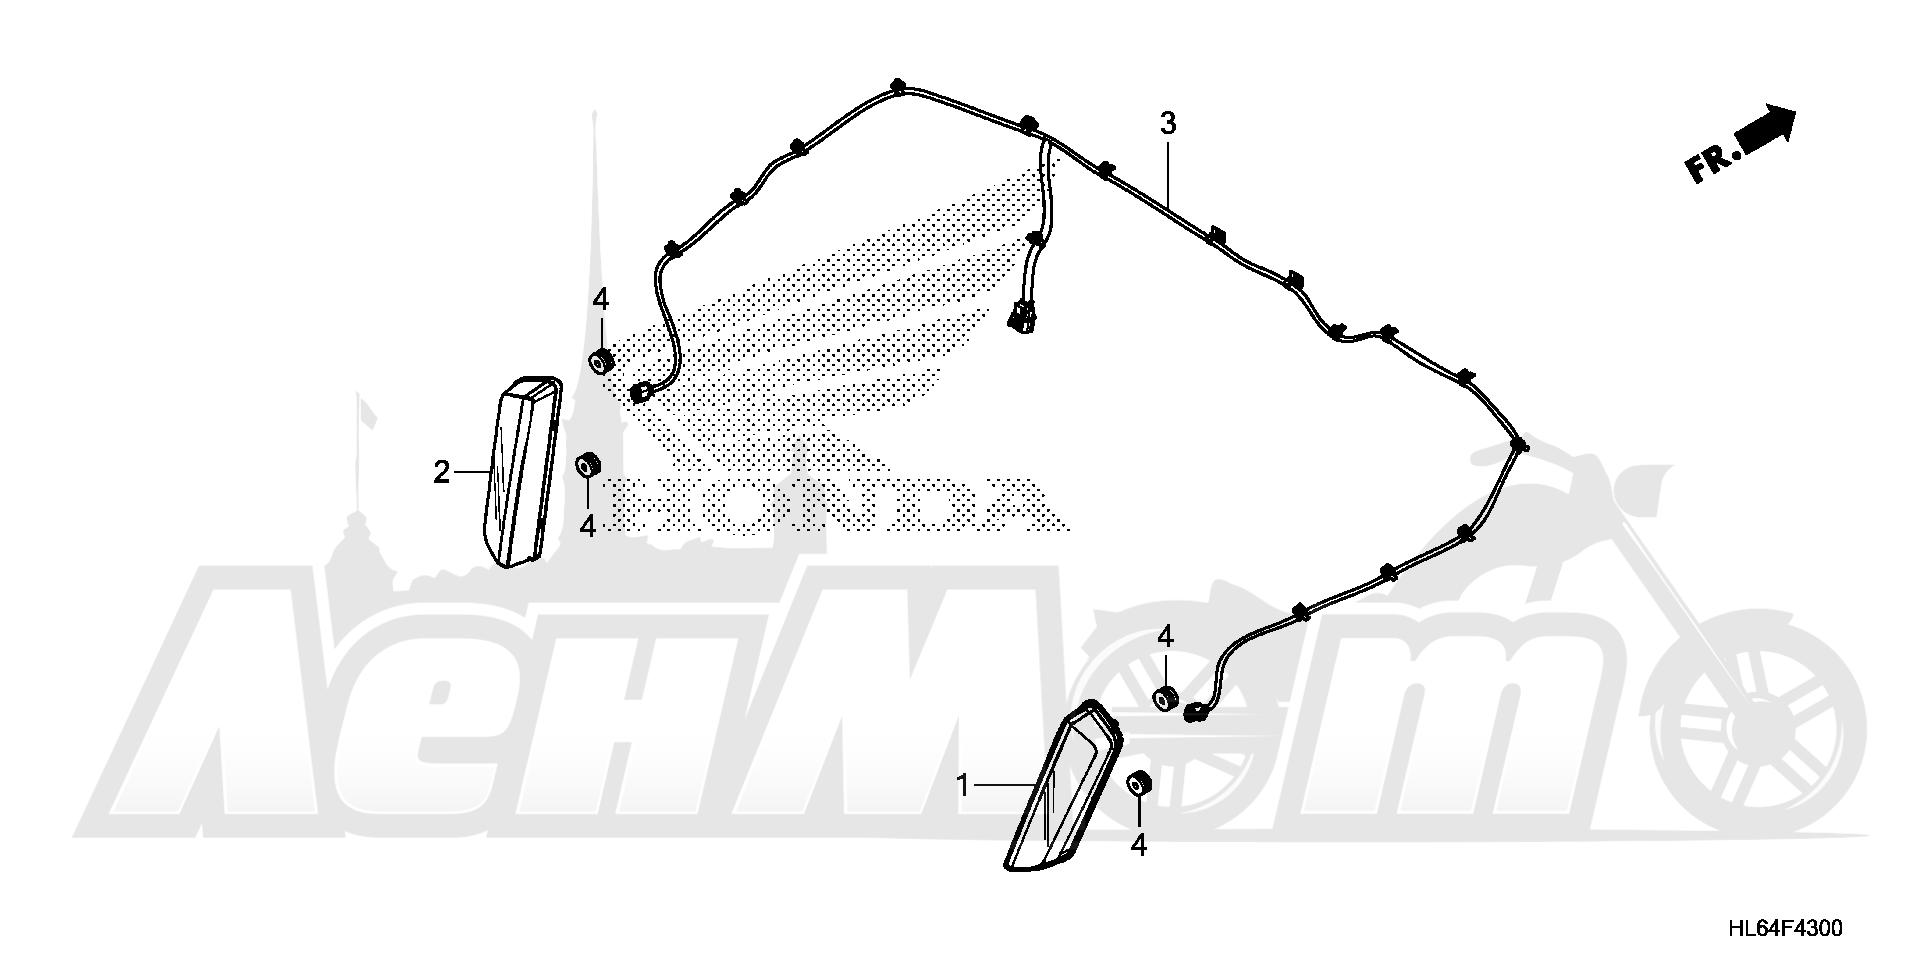 Запчасти для Квадроцикла Honda 2019 SXS1000S2R Раздел: TAILLIGHT | задний фонарь